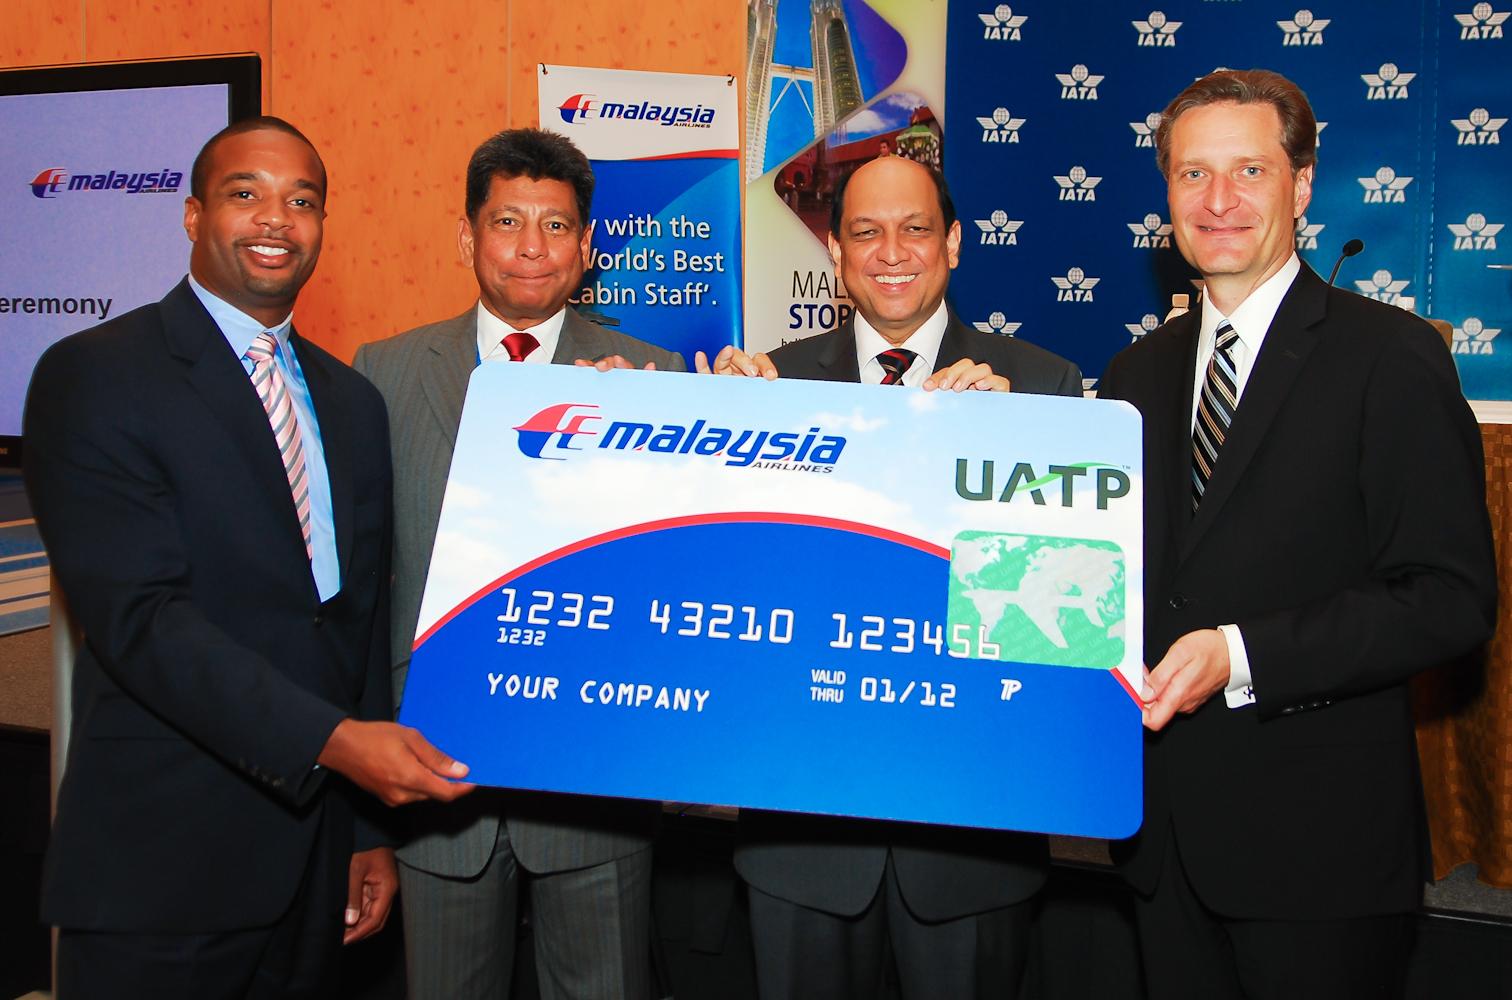 Malaysia Airlines_UATP Card_Program Ceremony_2011